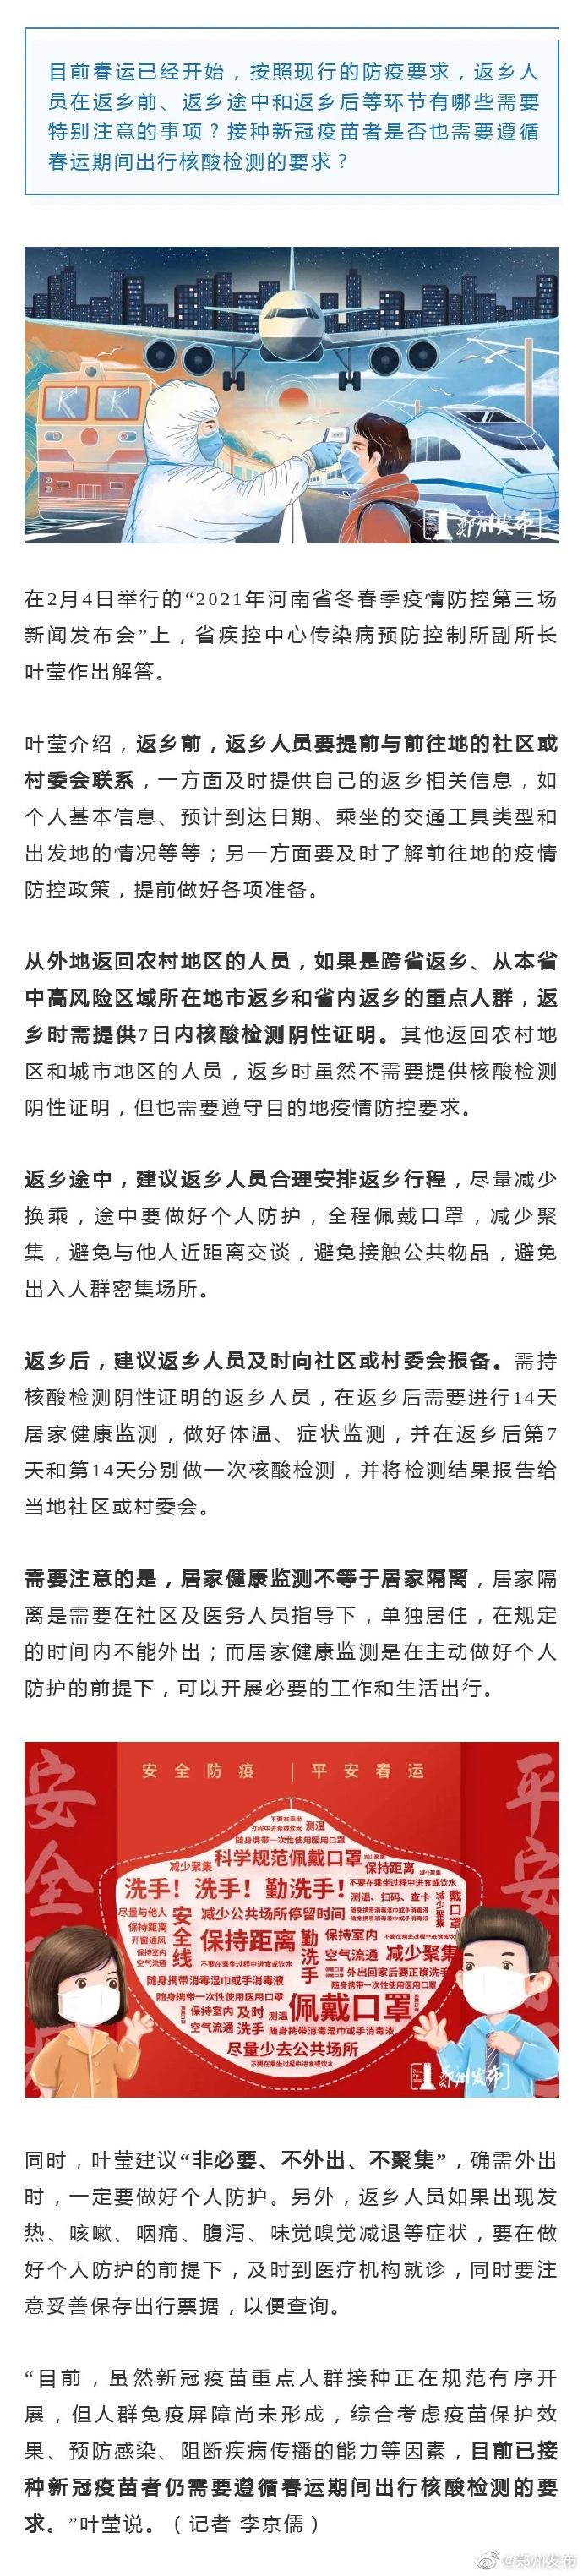 """哪些人需要核酸检测证明?省疾控中心发布""""春节返乡指南"""""""